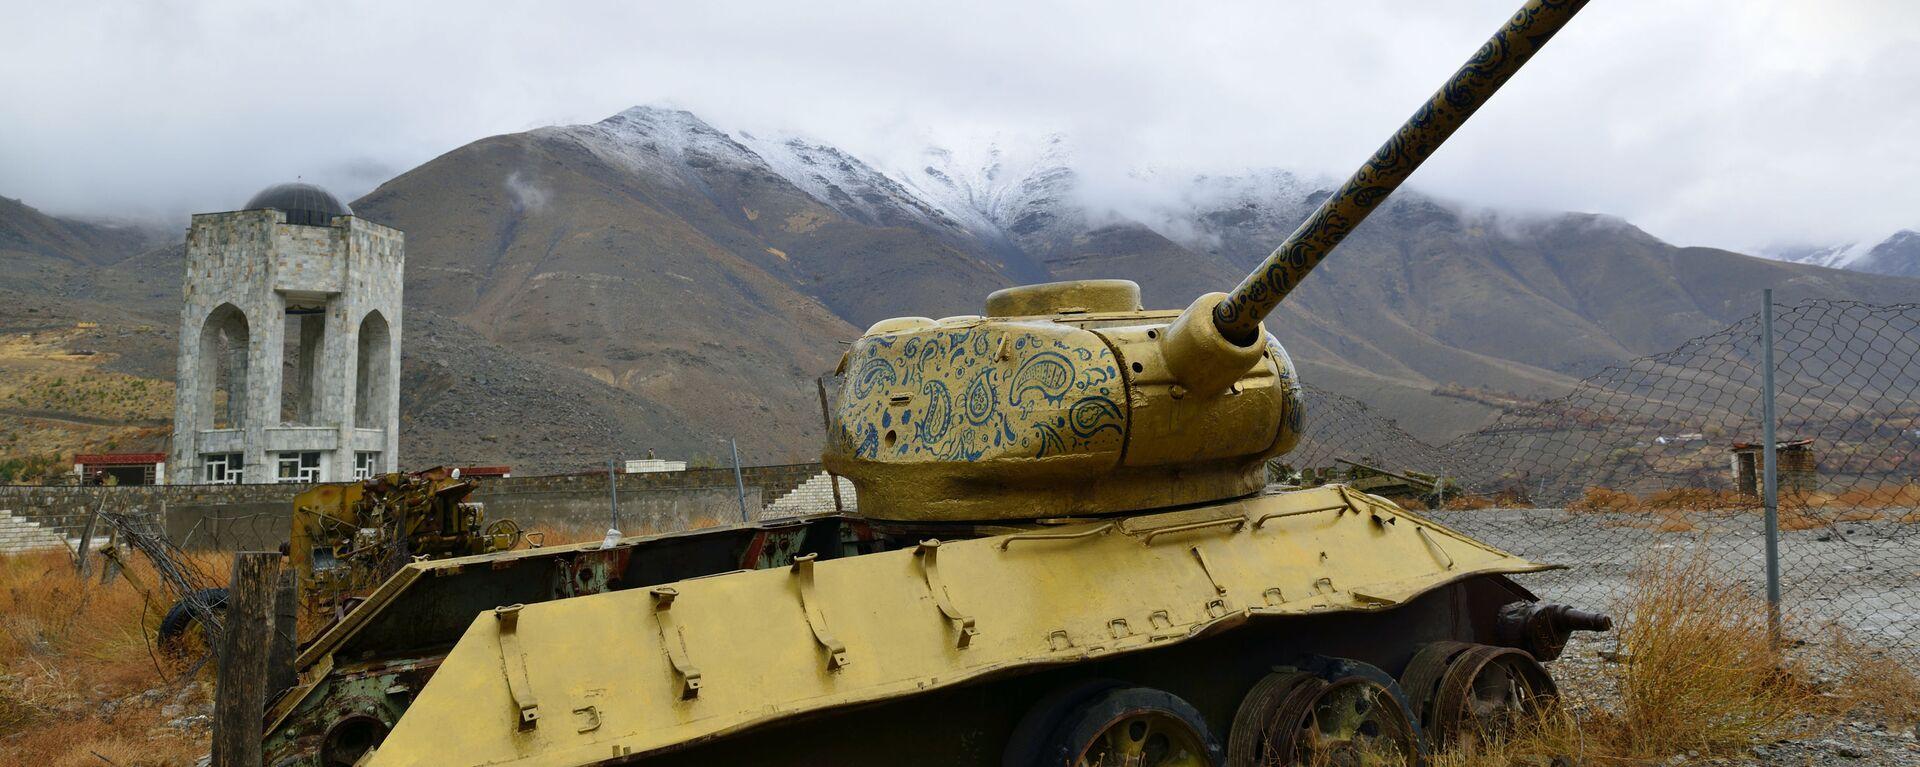 Панджшерское ущелье - Ахмад шах Масуд (мавзолей) и советские танки по-прежнему рядом - Sputnik Таджикистан, 1920, 12.08.2021